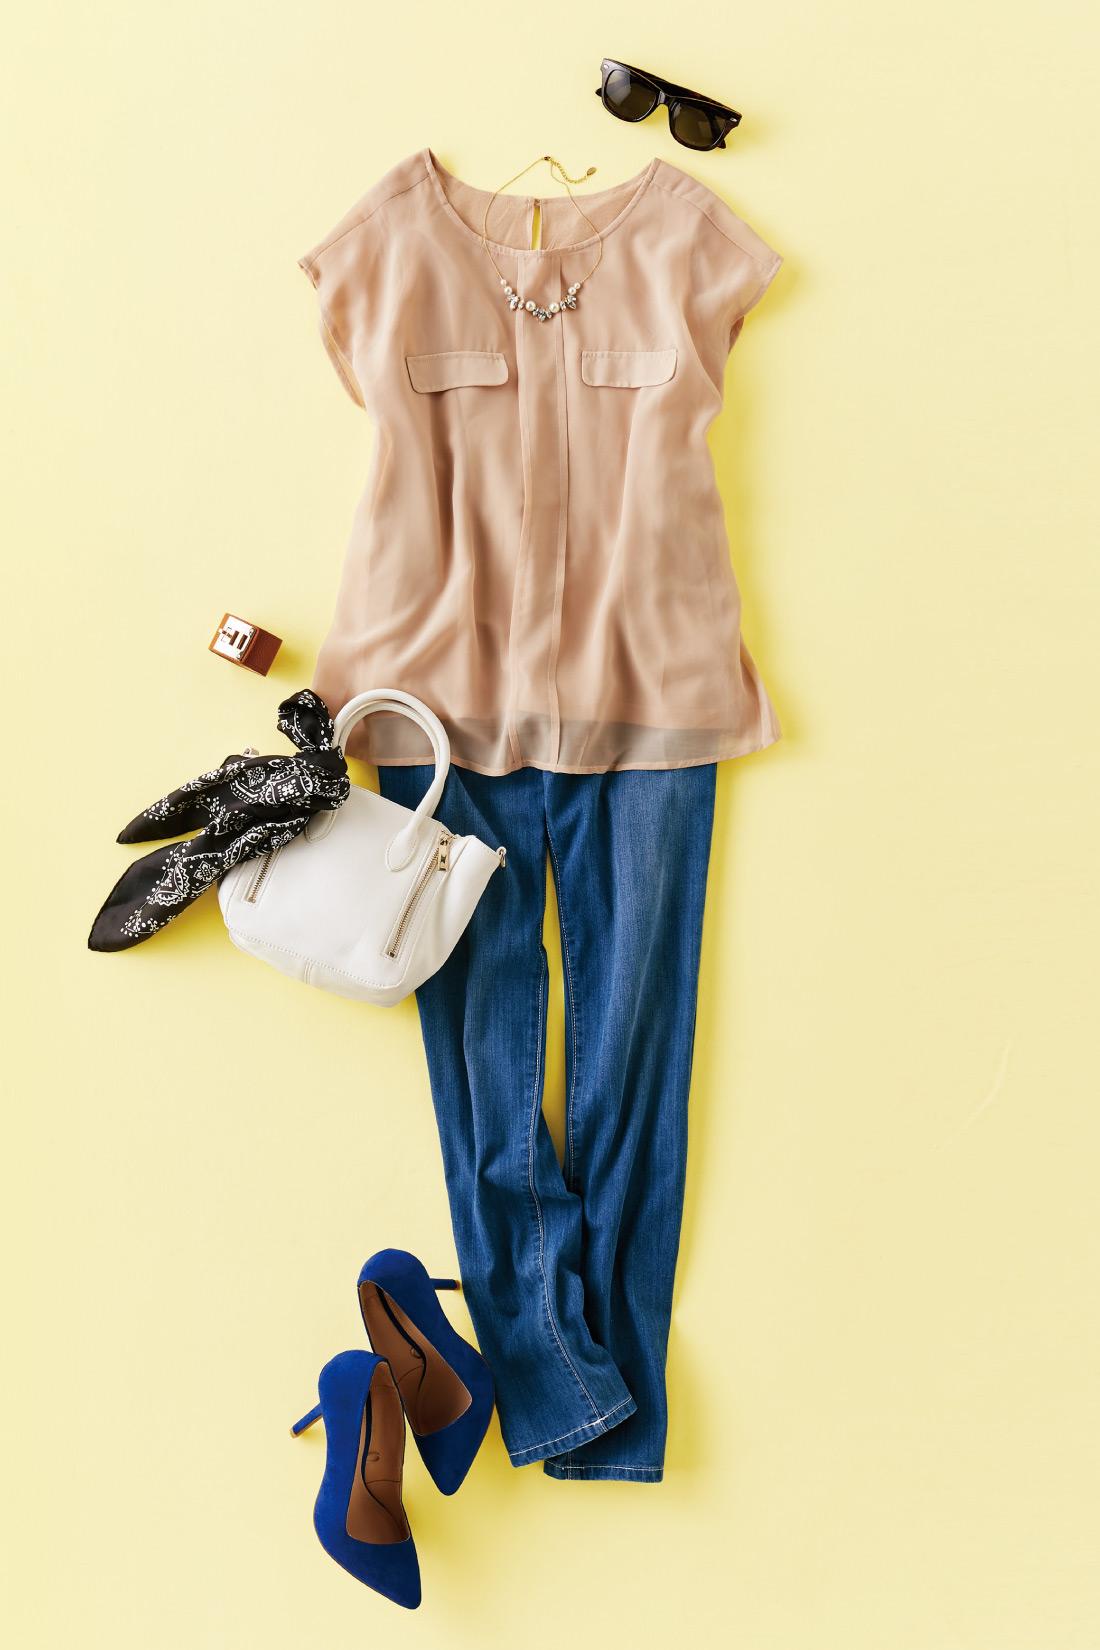 ※バッグ、シューズ、帽子、スカーフ、アクセサリーなどの小物はお届けセットには含まれません。 ※これはイメージ画像です。